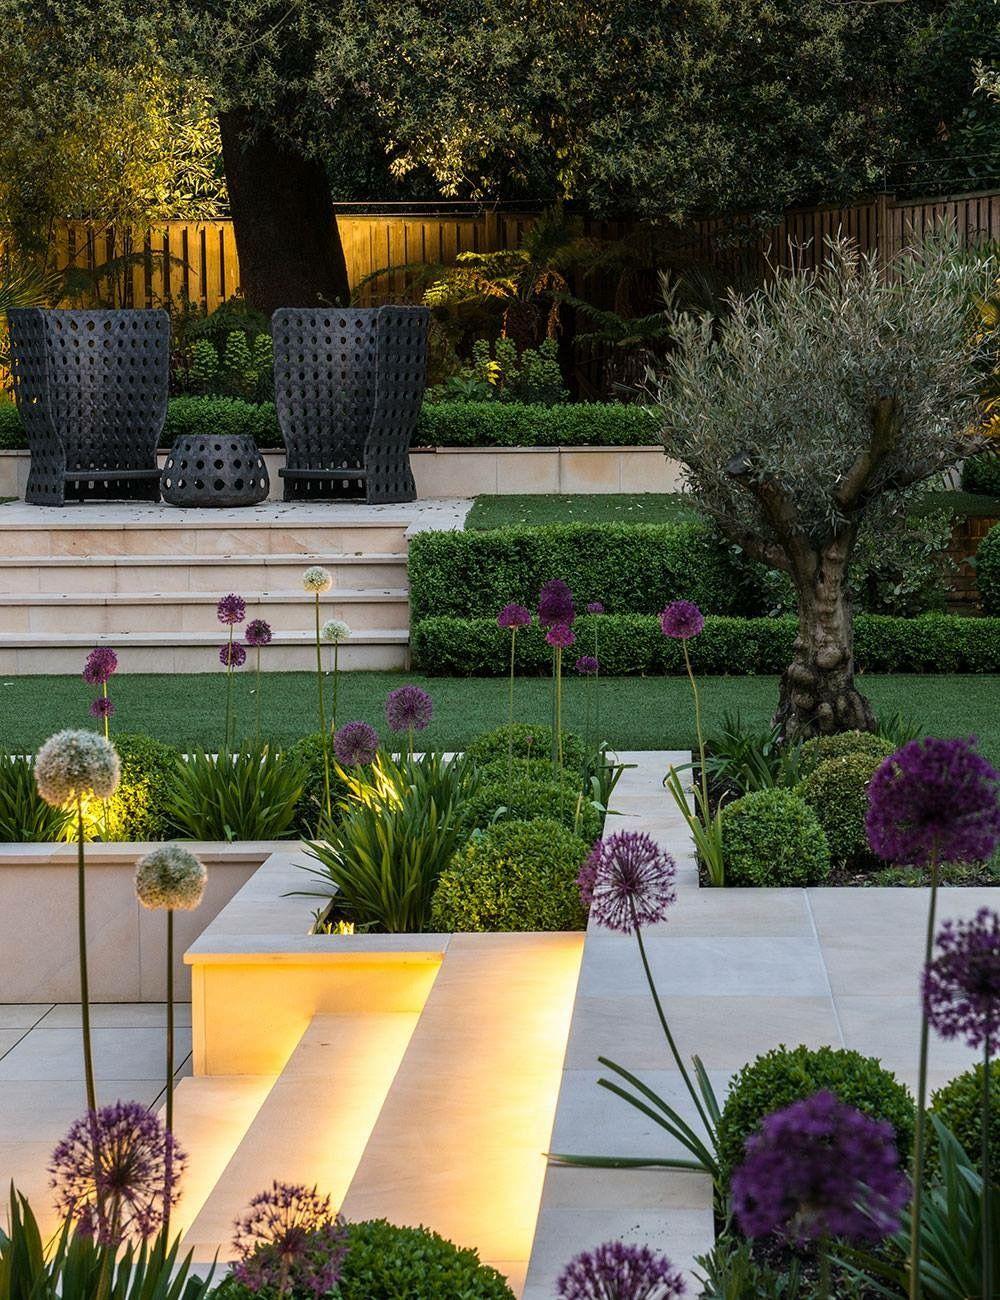 Pin Von Footdeco Auf Arundel Gardn Garten Design Landschaftsbau Moderner Garten